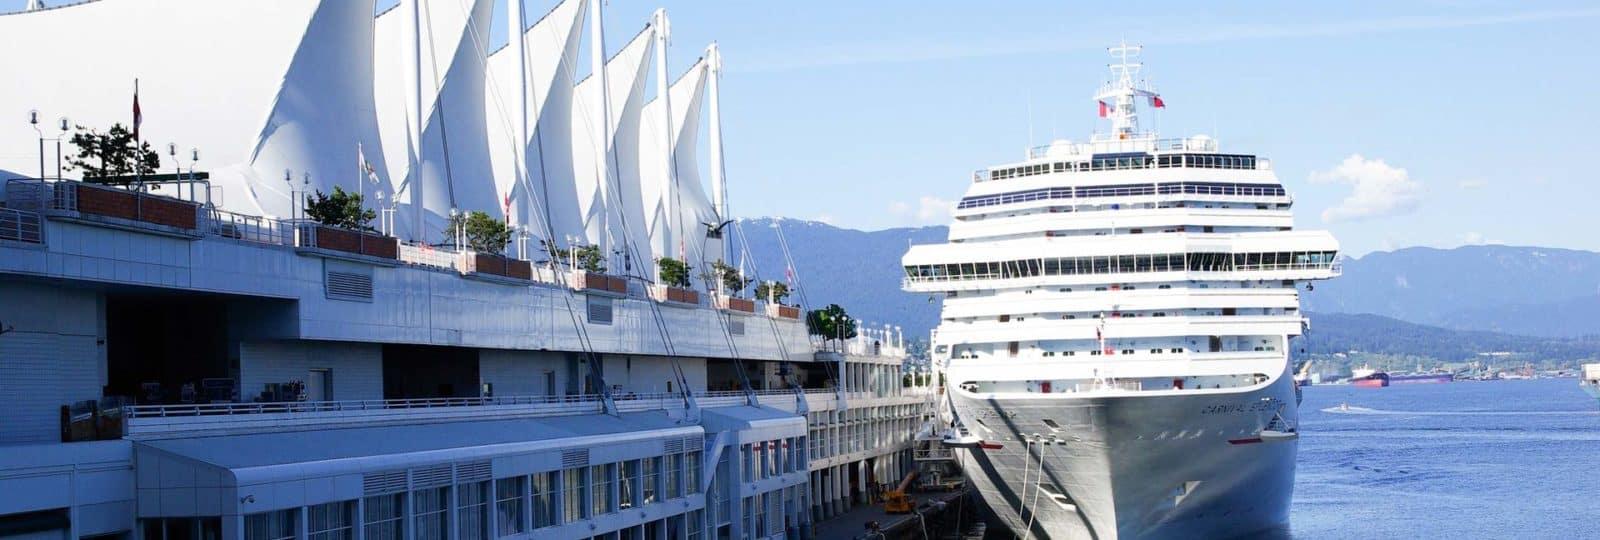 5 Tage Vancouver & Alaska Kreuzfahrt mit der NCL Jewel